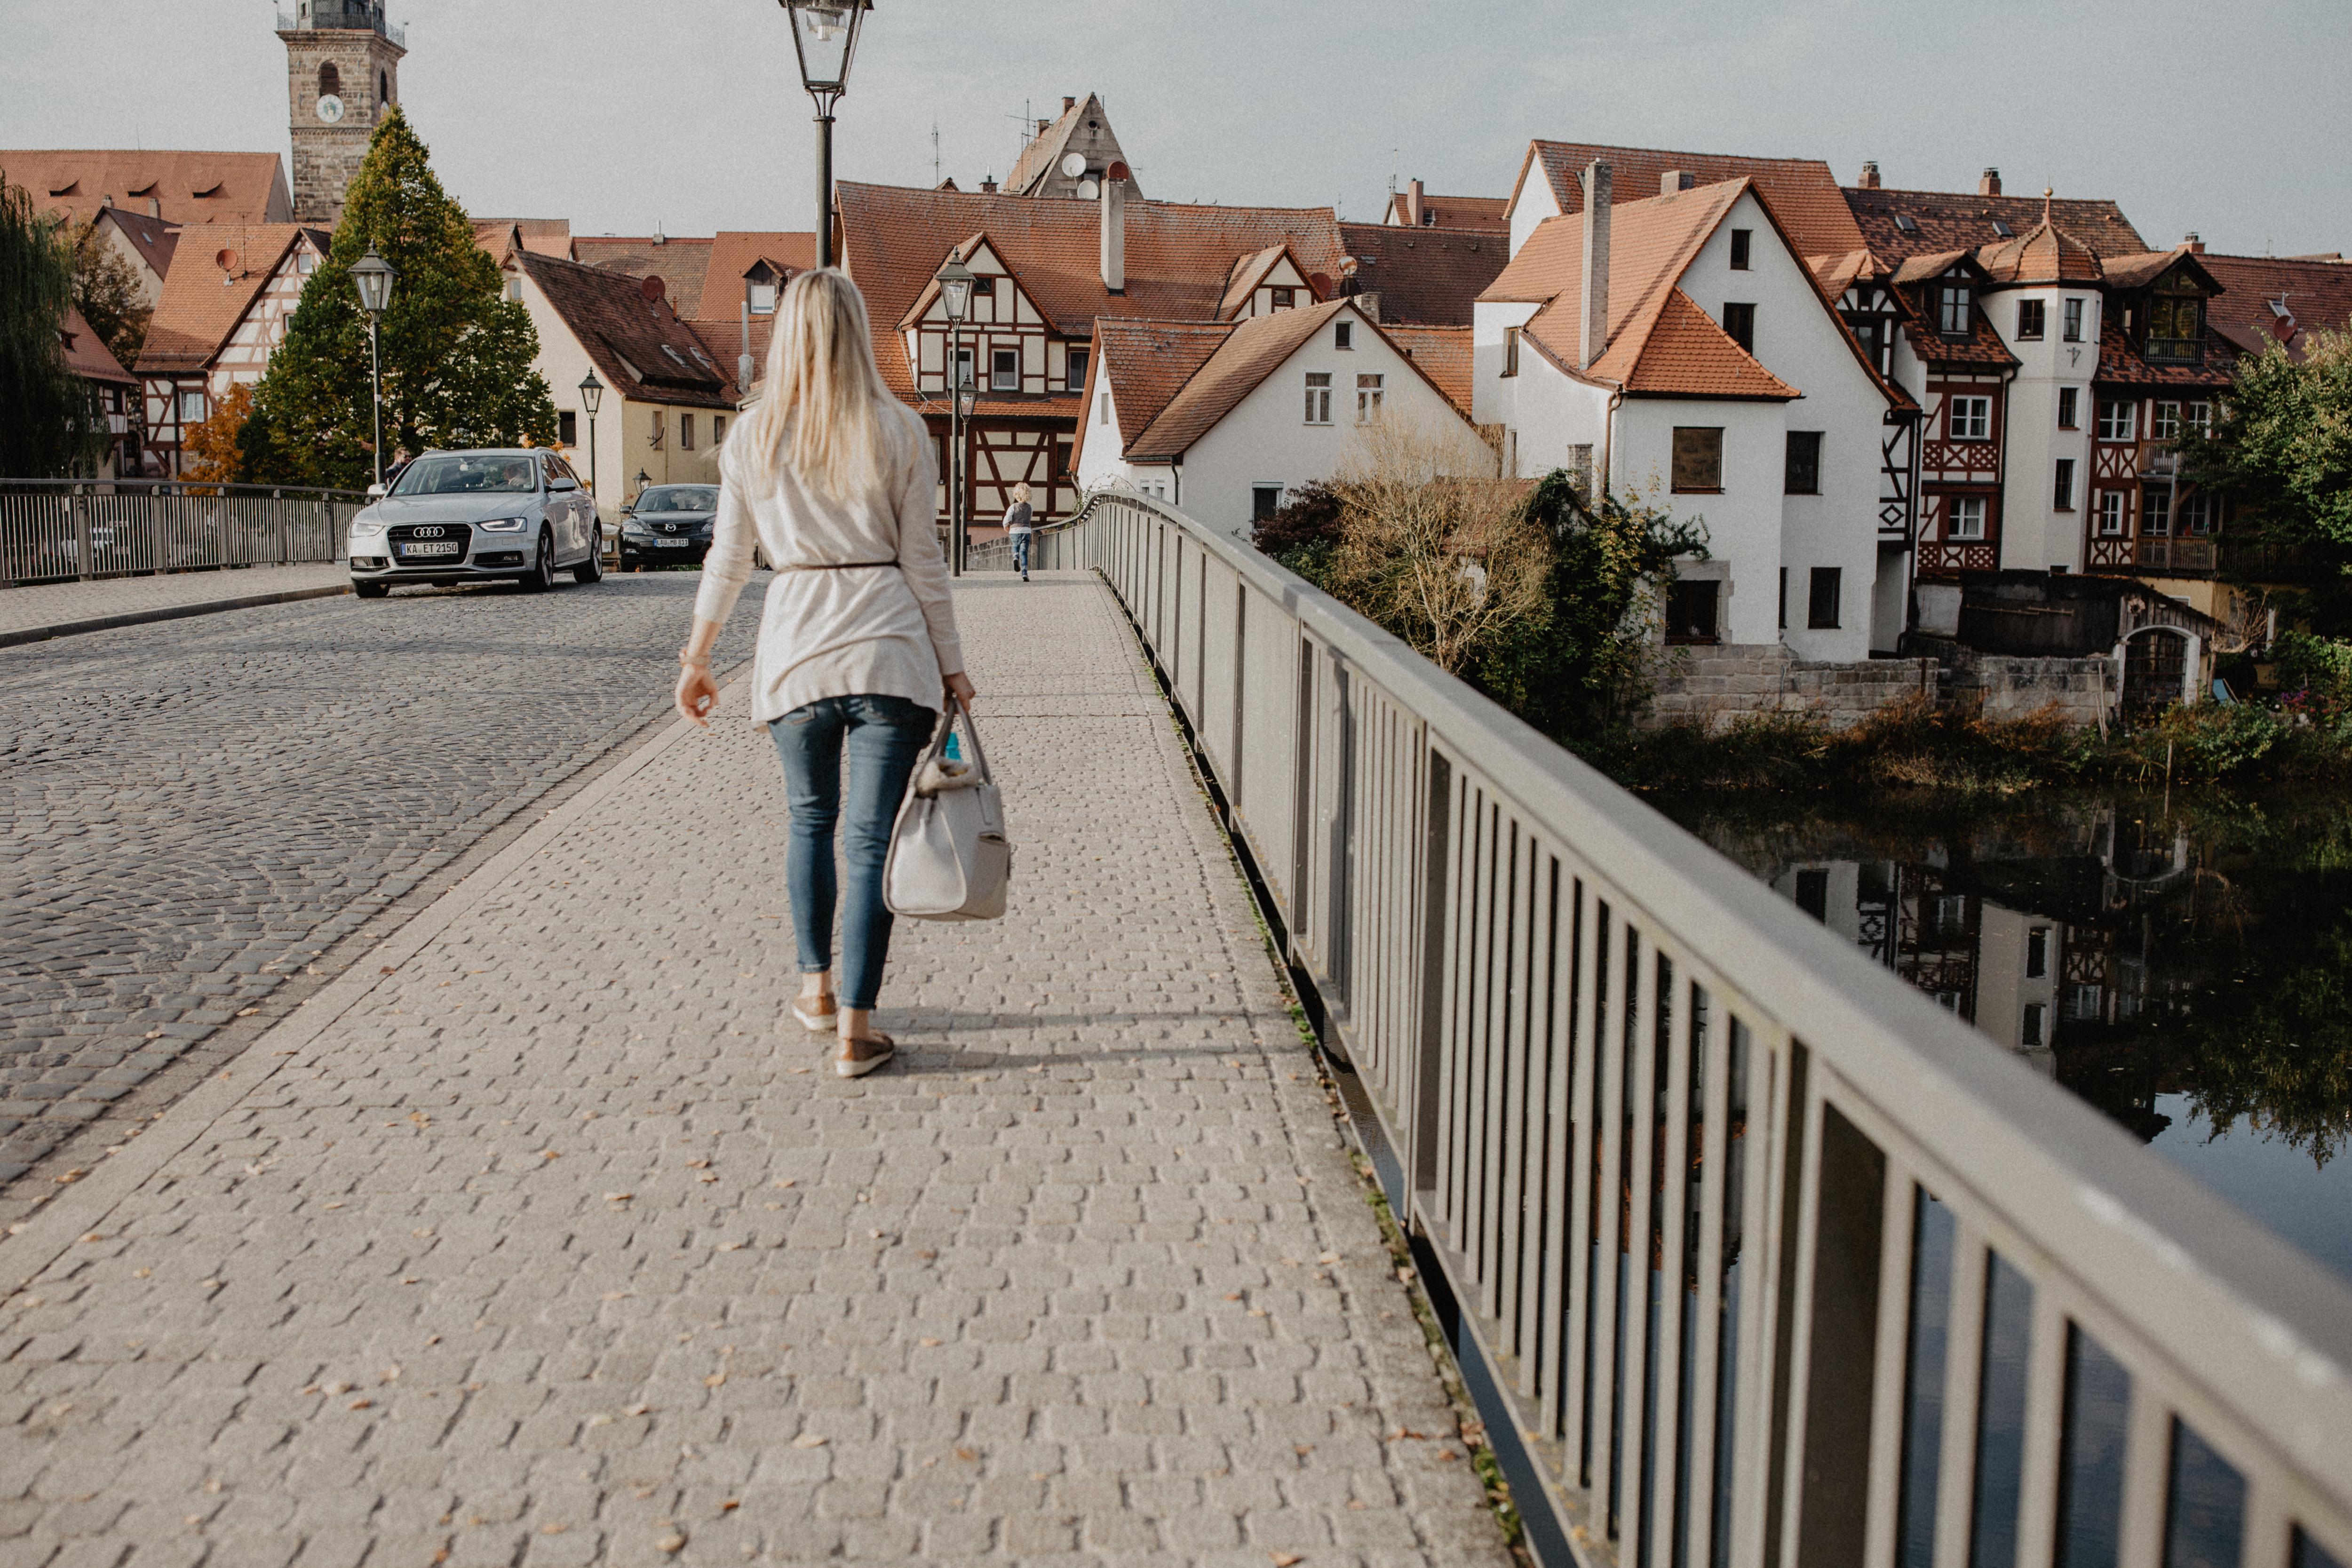 URBANERIE_Daniela_Goth_Fotografin_Nürnberg_Fürth_Erlangen_Schwabach_170930_0173